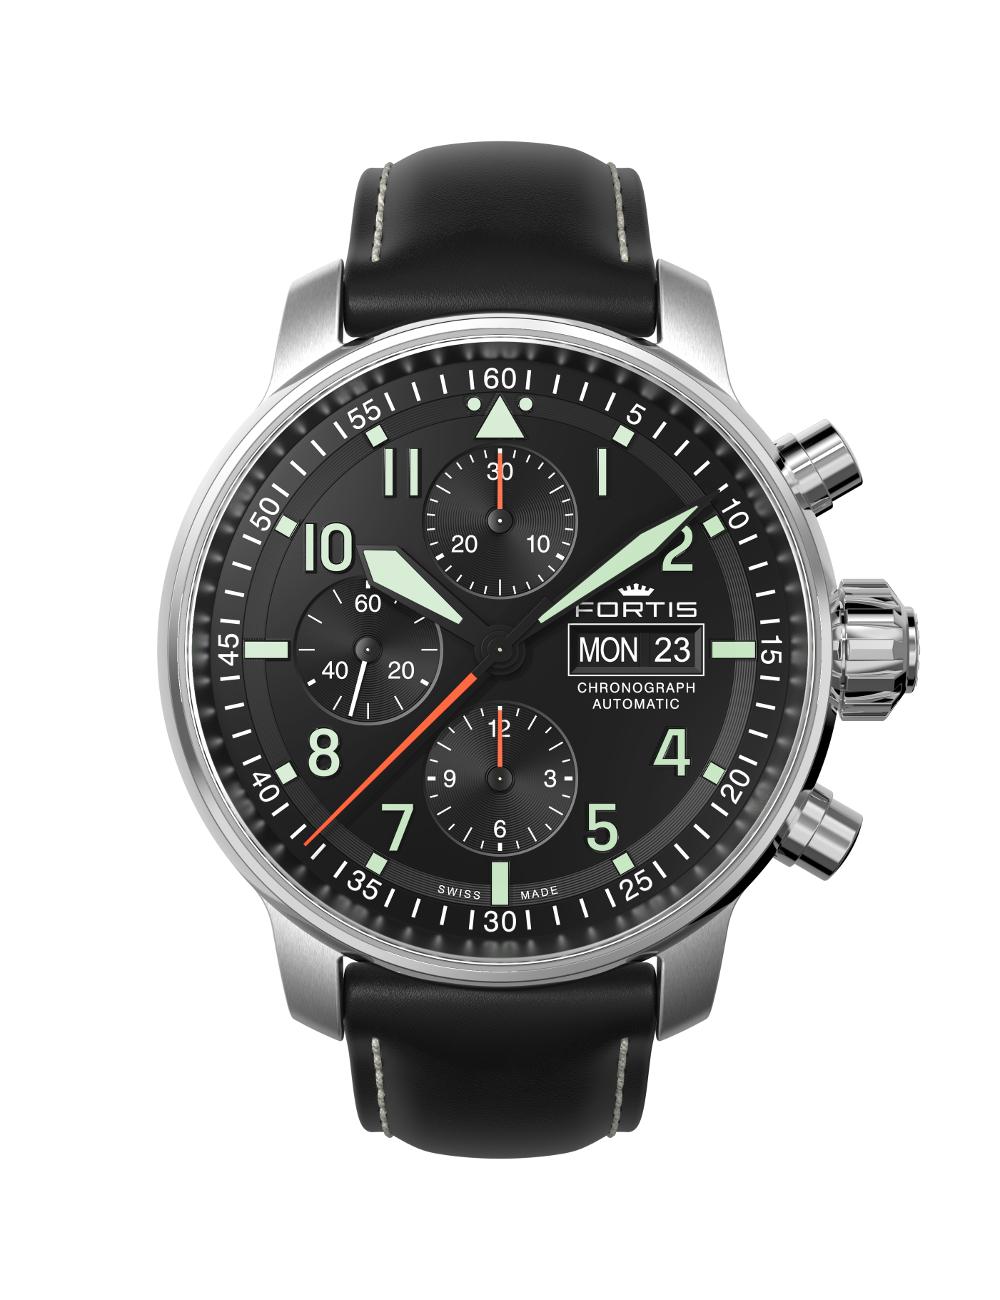 Wundervoll Gute Herrenuhren Dekoration Von Fortis Flieger Professional Chronograph | Uhren Köck,